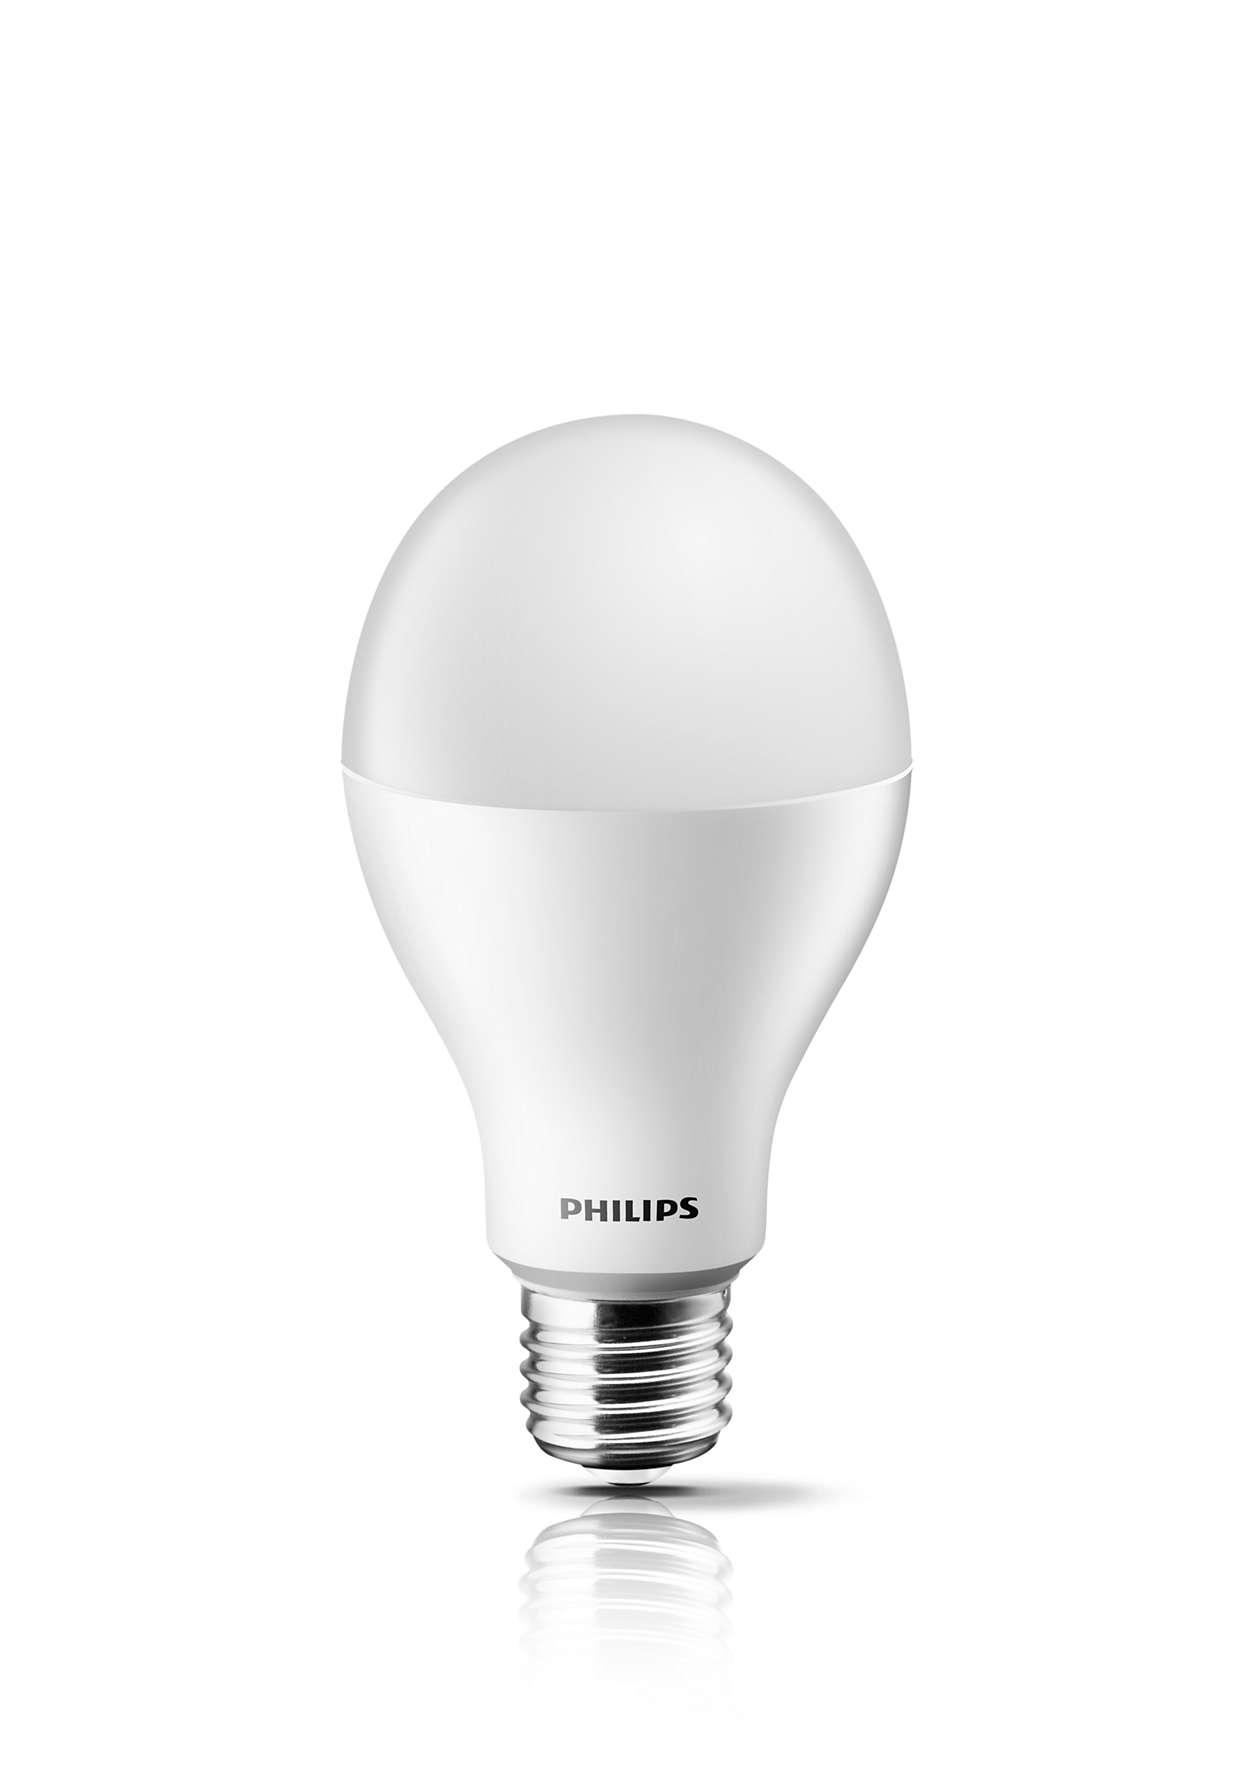 先進的 LED 照明,您的家居首選